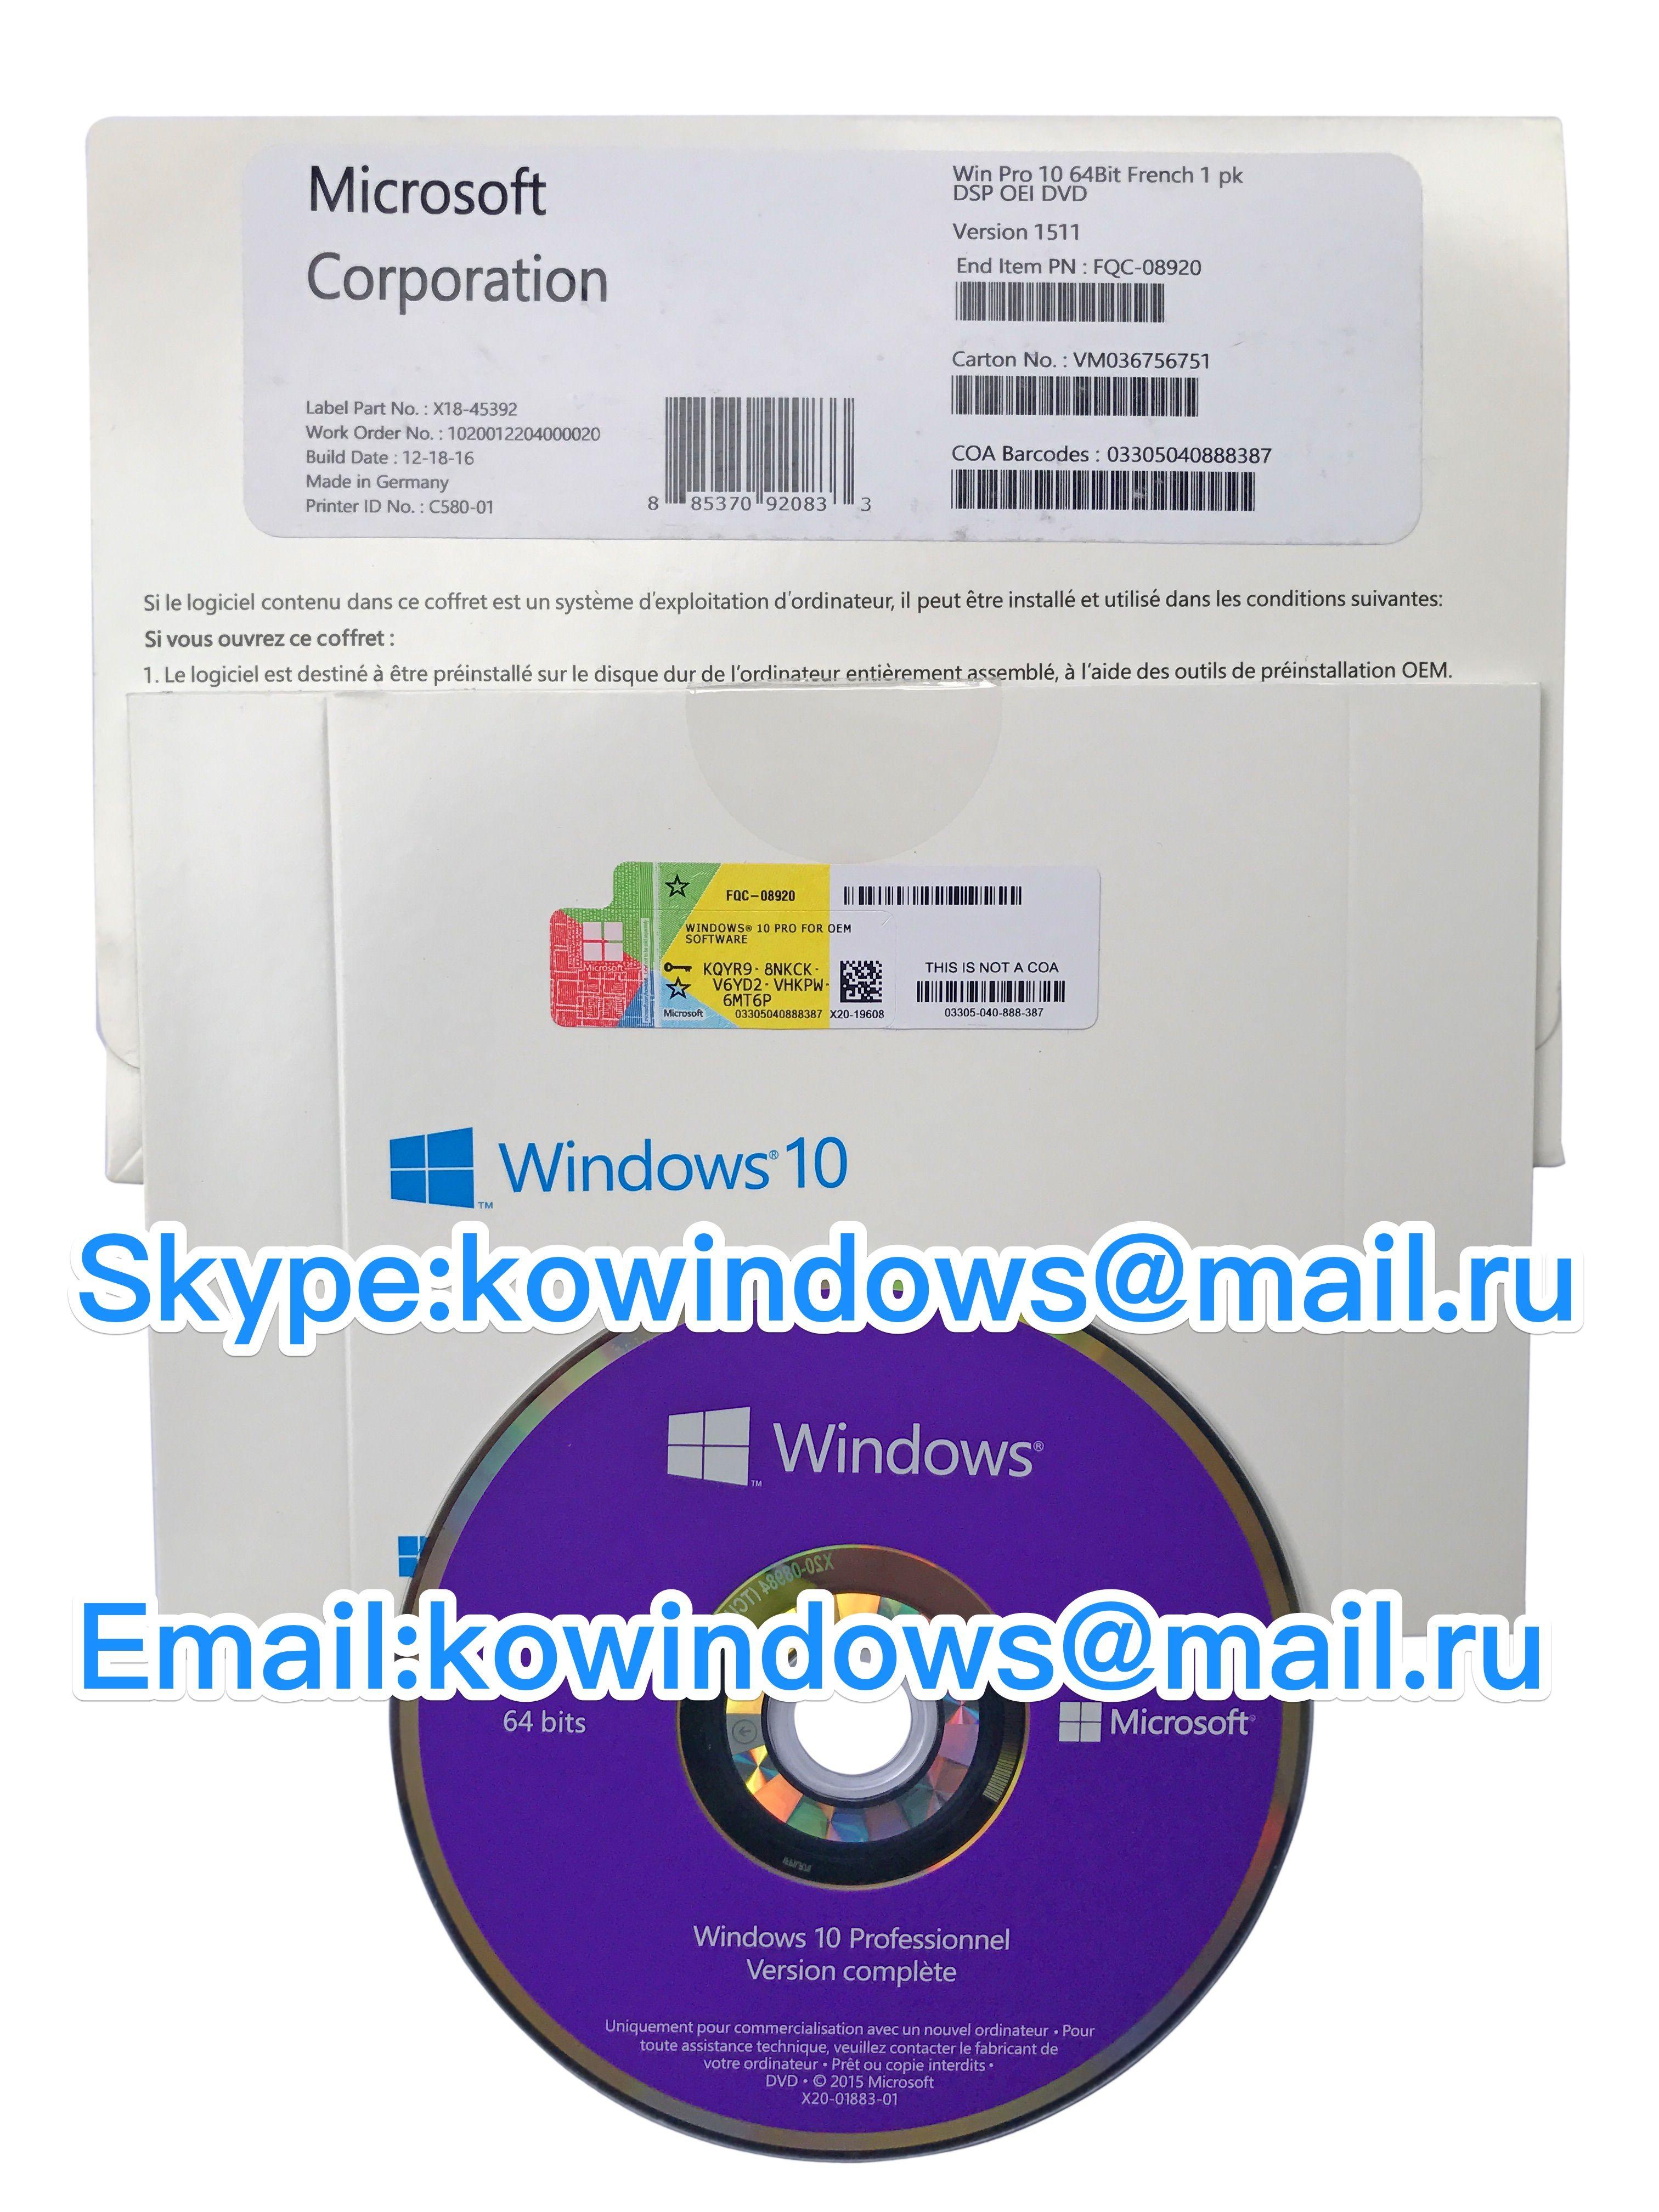 windows 10 kaufen windows 10 pro oem windows 10 pro oem key win 10